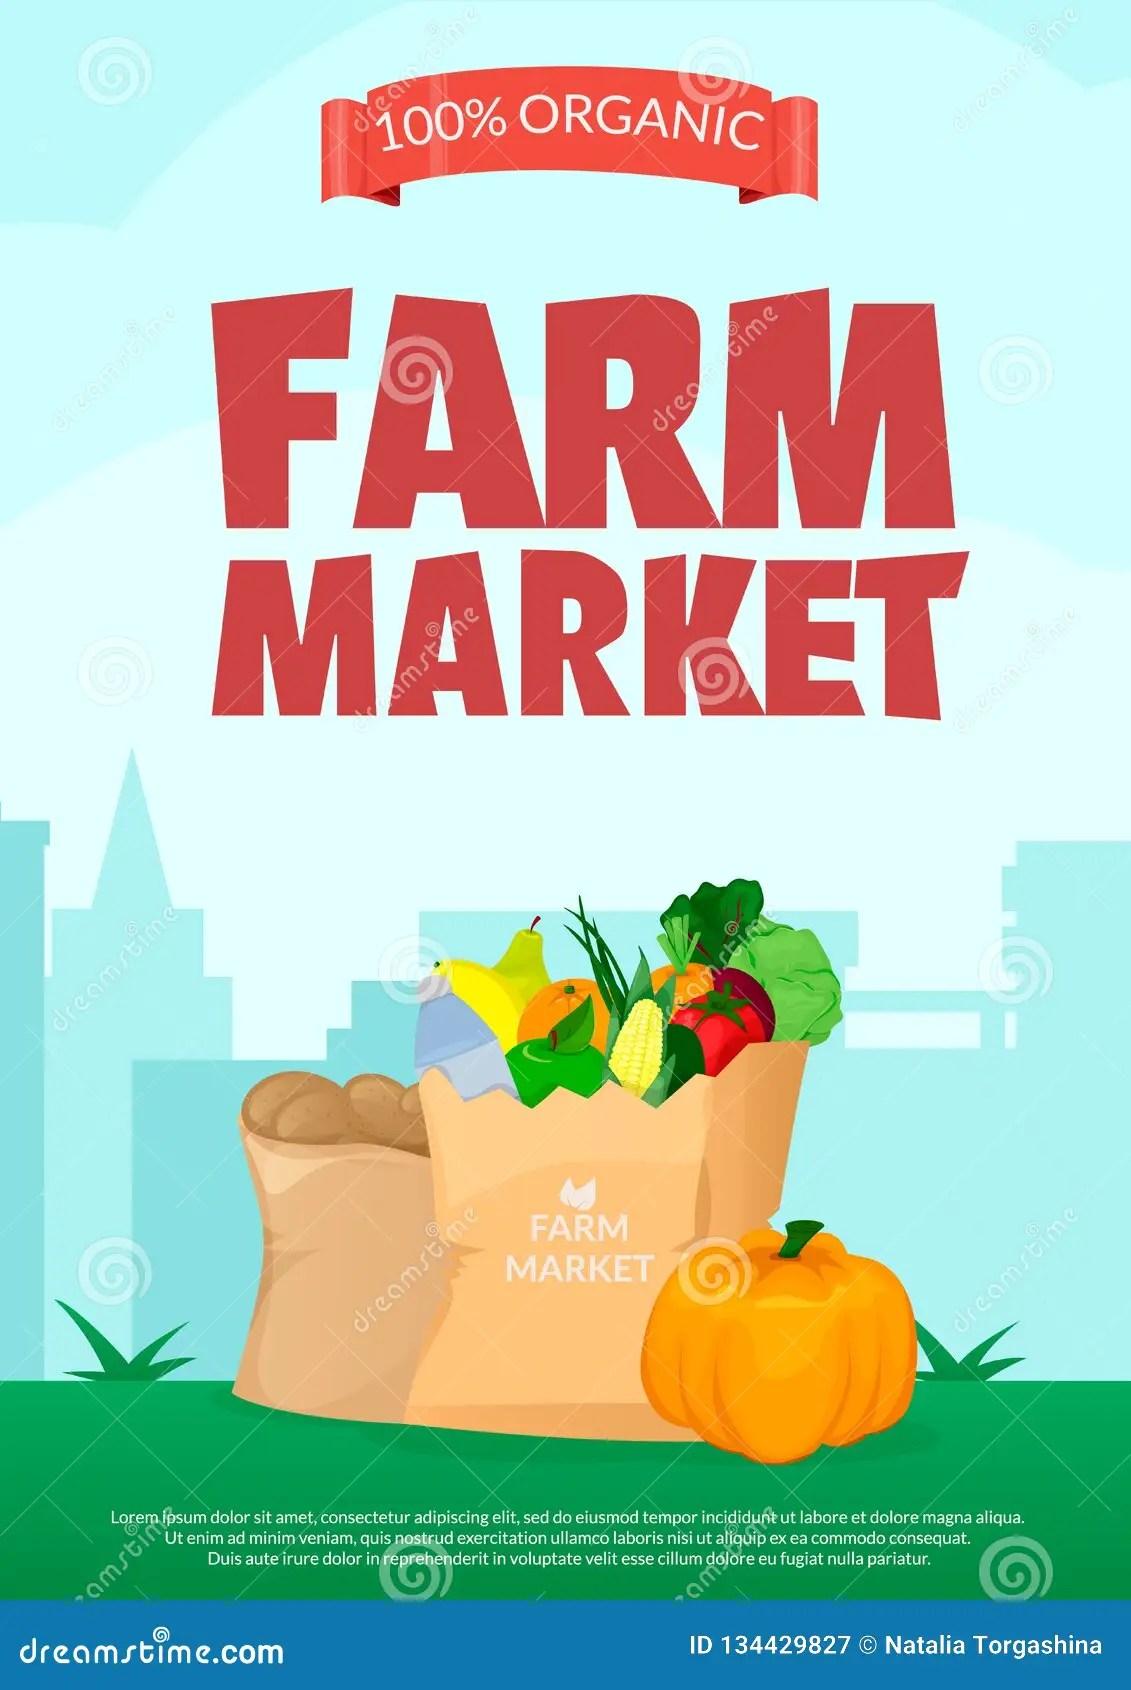 Cartoon Farmers Market : cartoon, farmers, market, Farmers, Market, Cartoon, Stock, Illustrations, 1,337, Illustrations,, Vectors, Clipart, Dreamstime